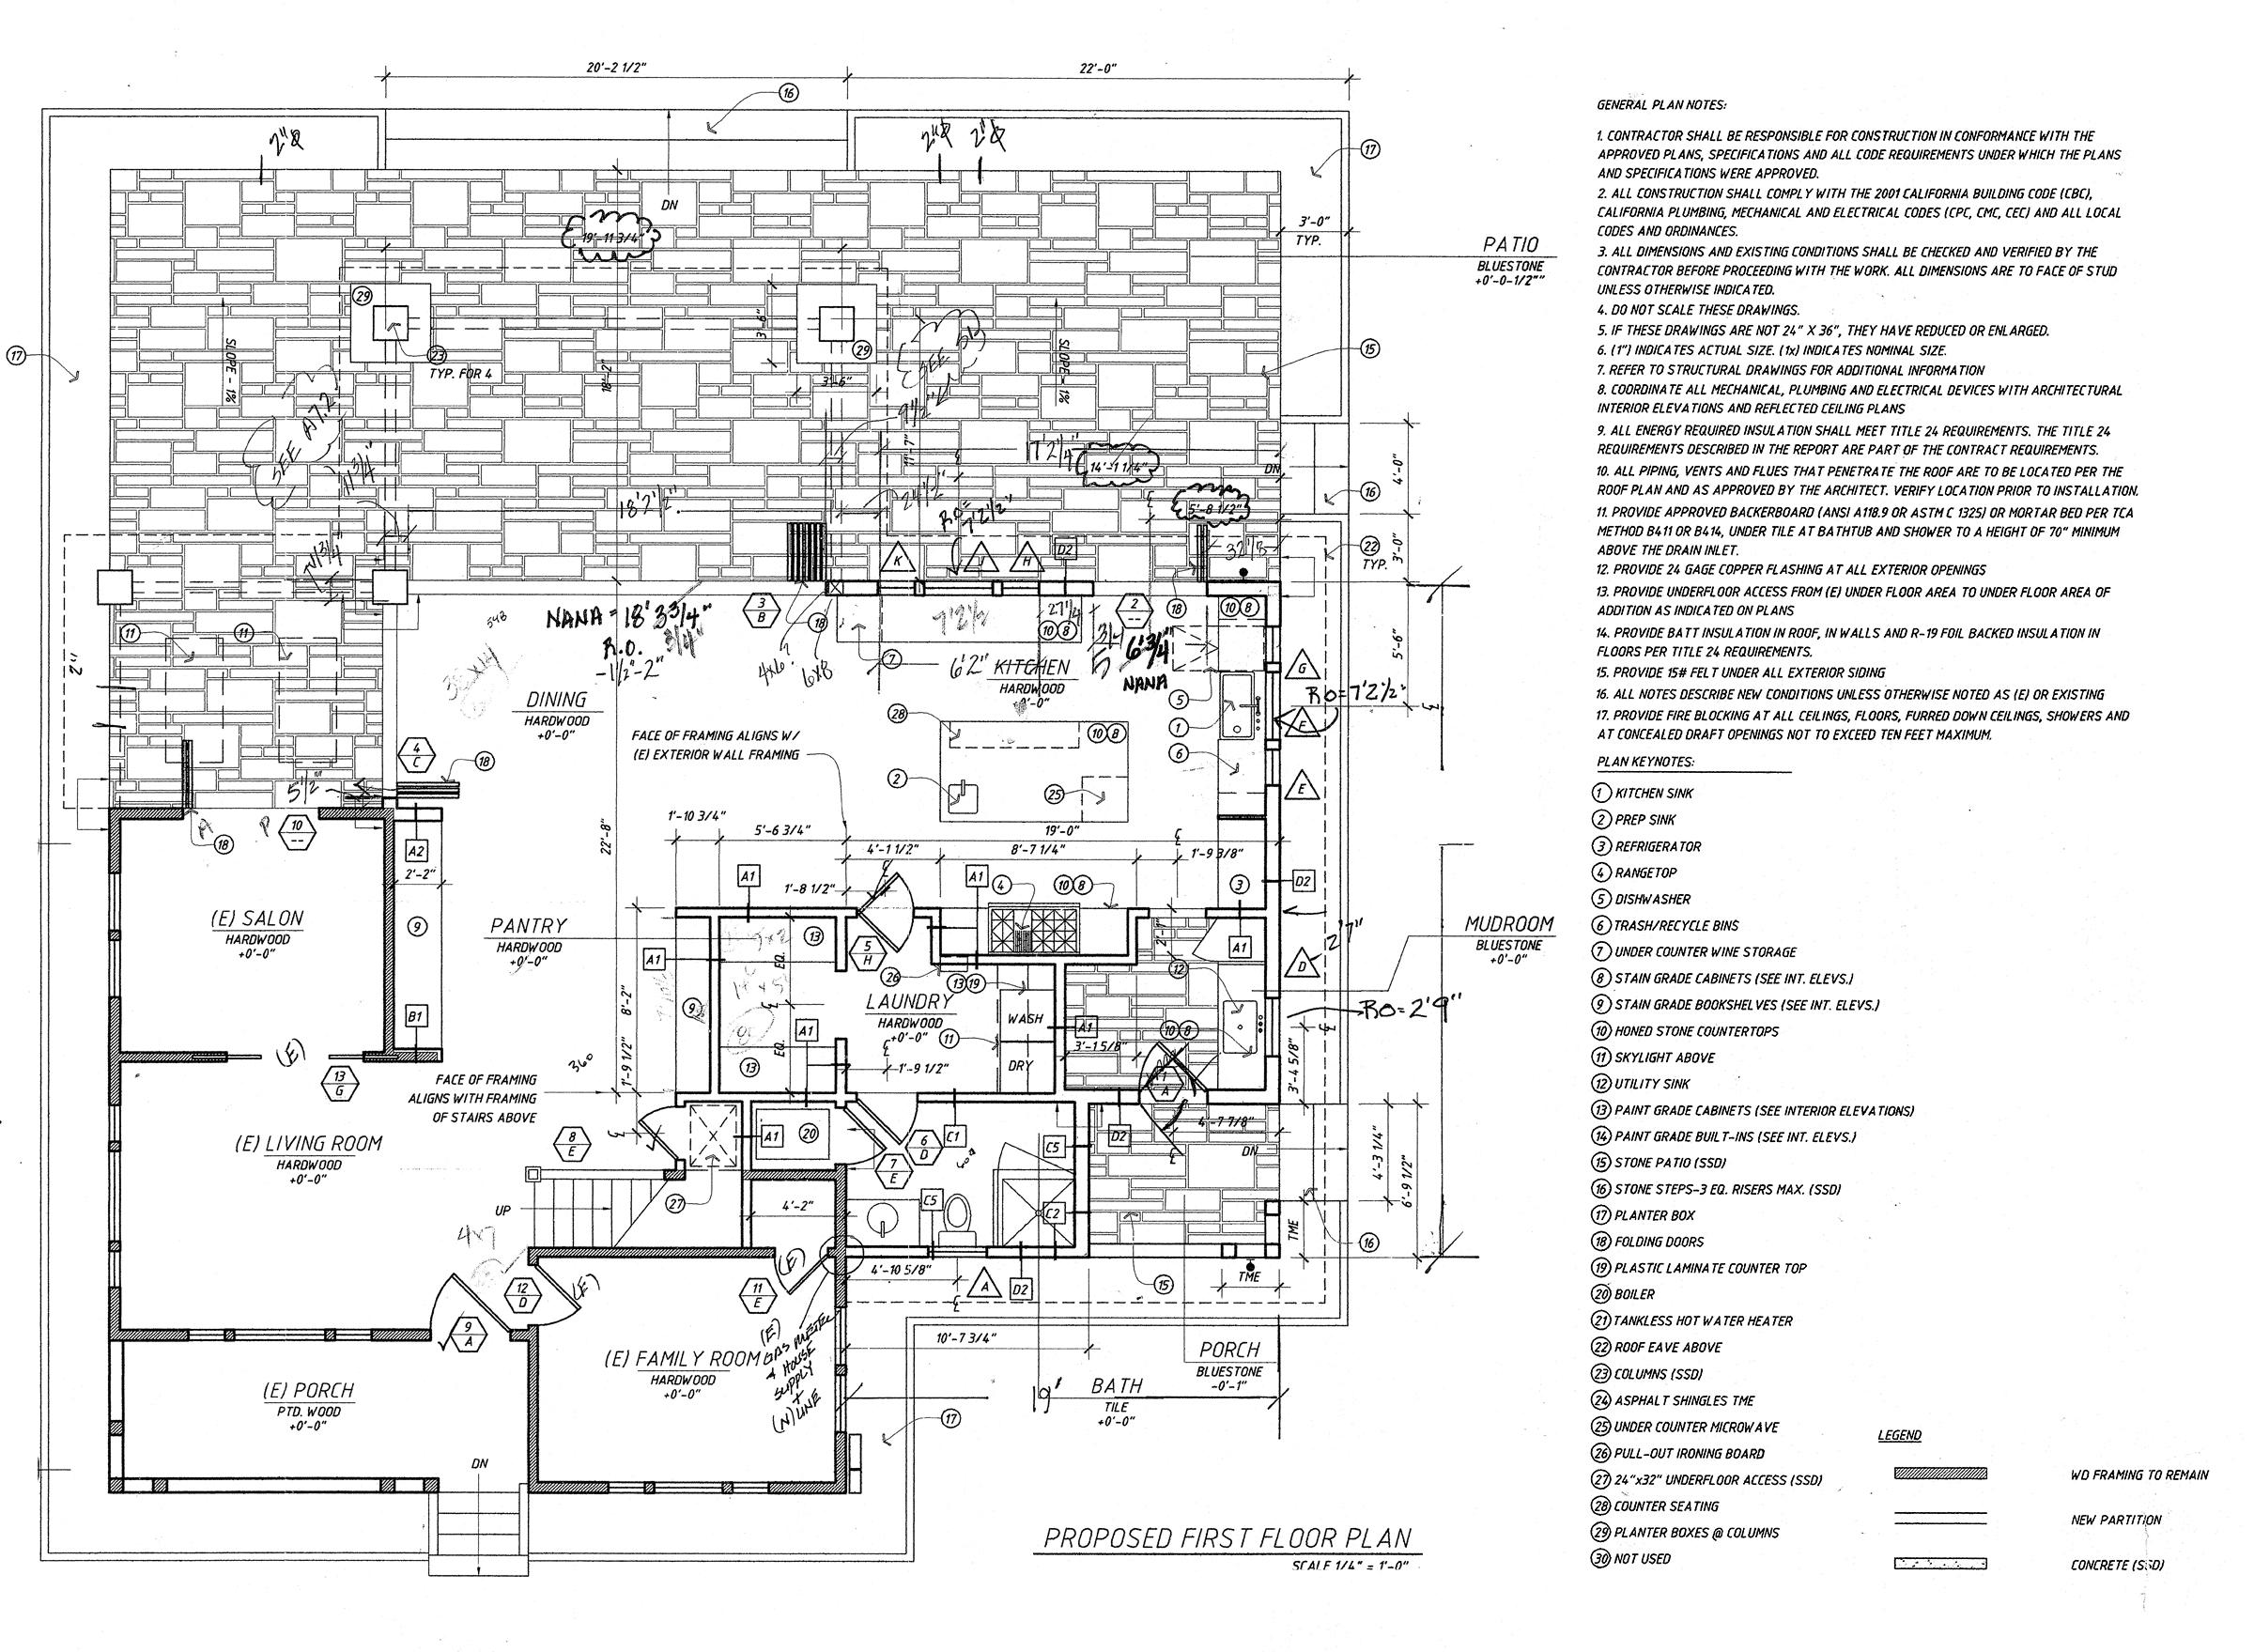 Interior Home Design Firm In Sebastopol